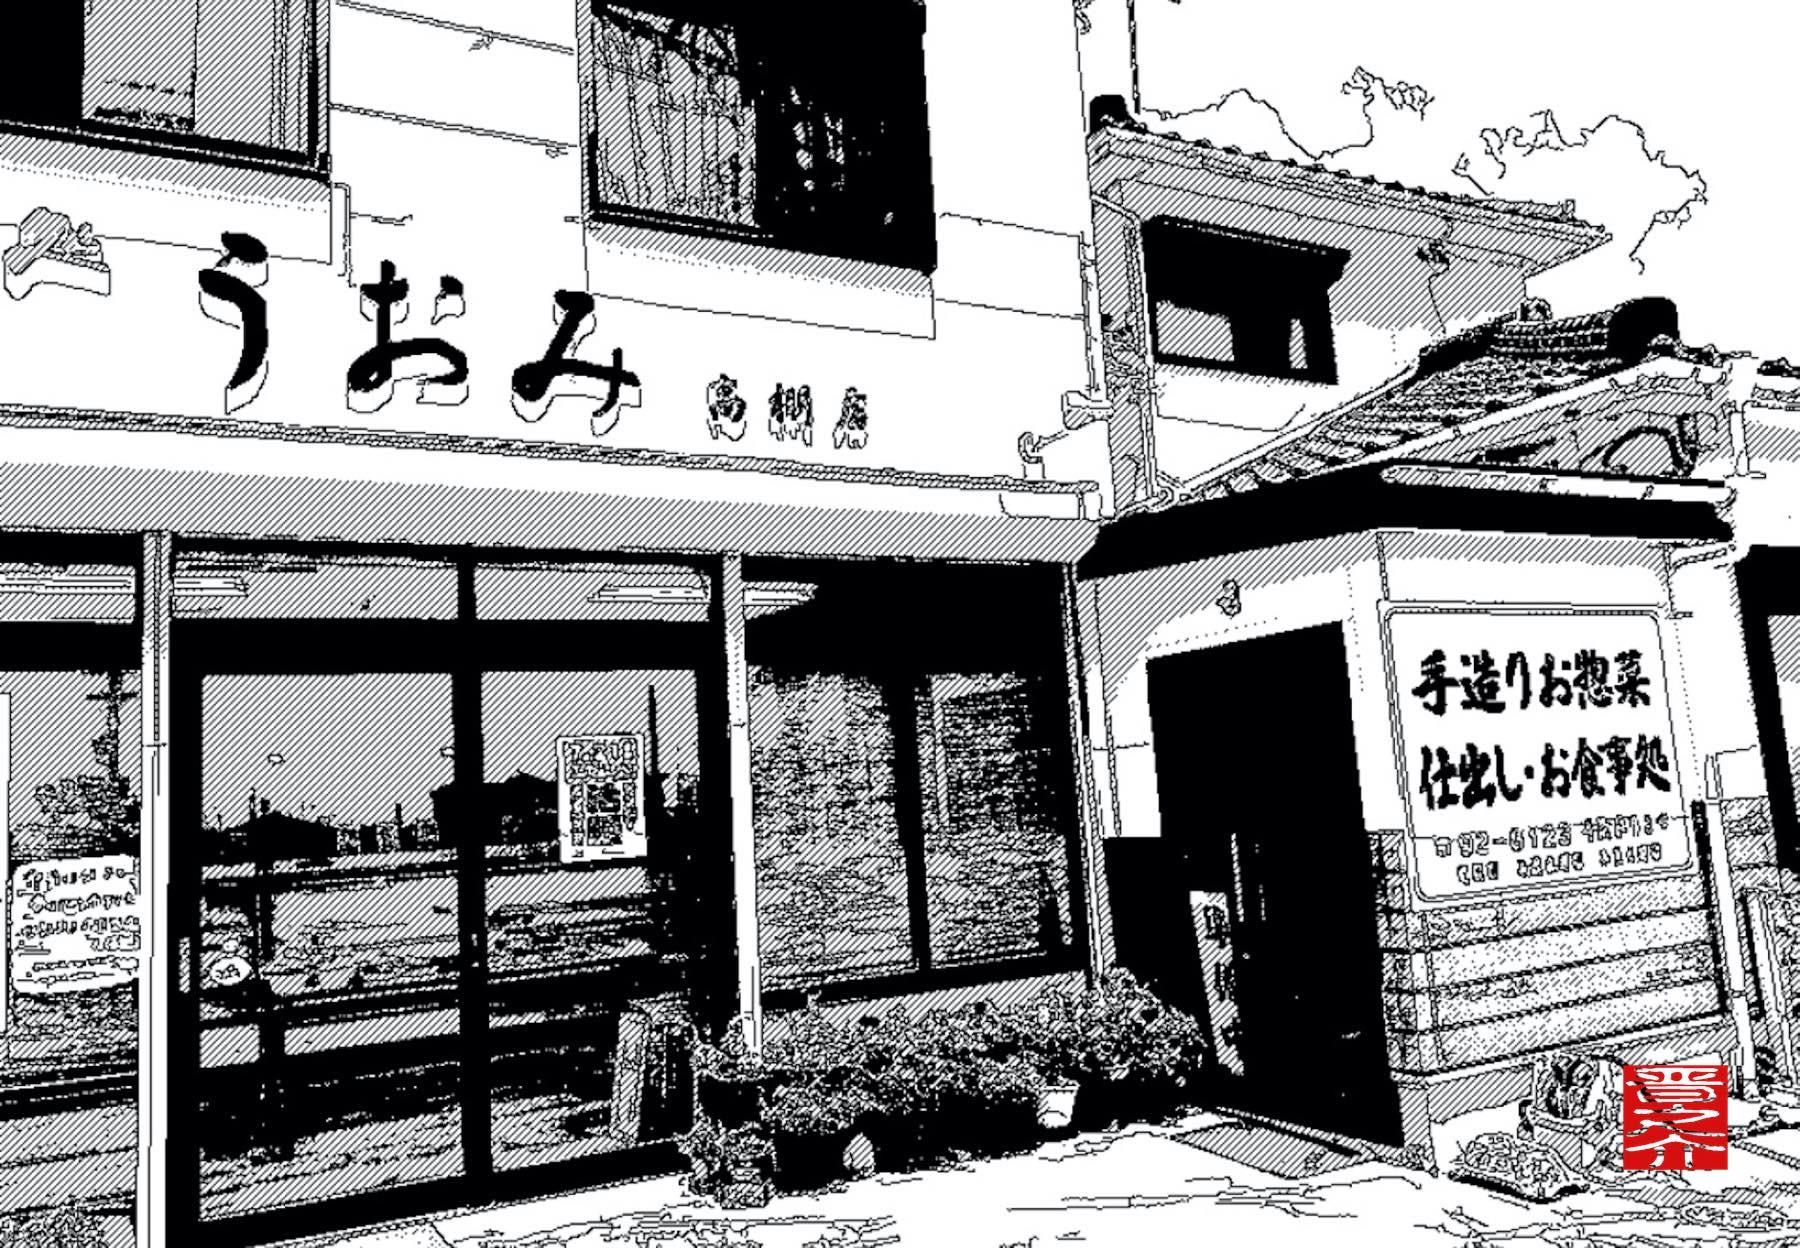 田んぼの真ん中に突如現れる!安城の魚屋「魚美」さんが運営する新鮮な魚料理を安価で喰せる味処|うおみ